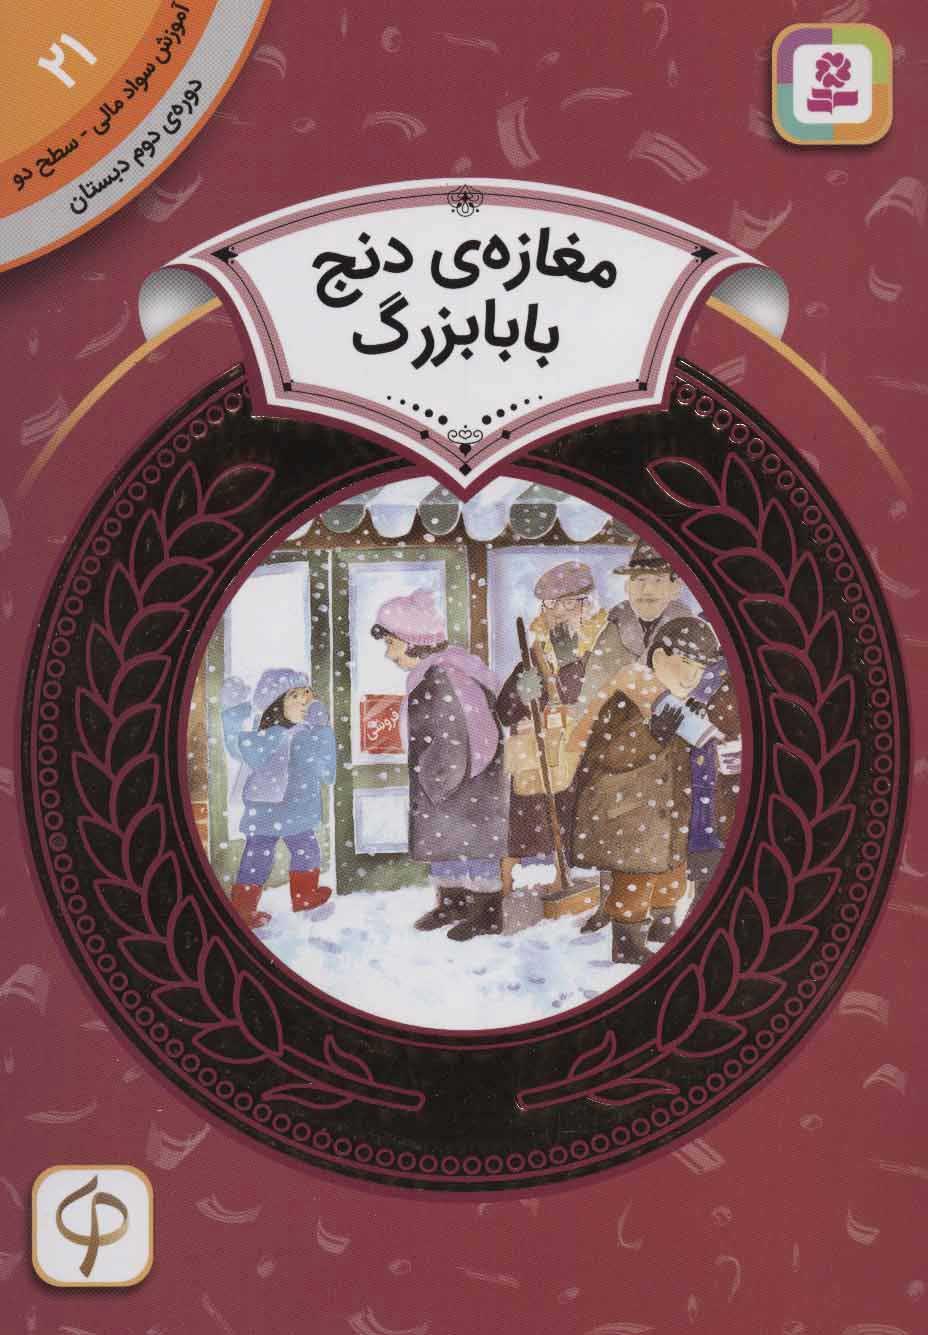 کتاب مغازه ی دنج بابابزرگ